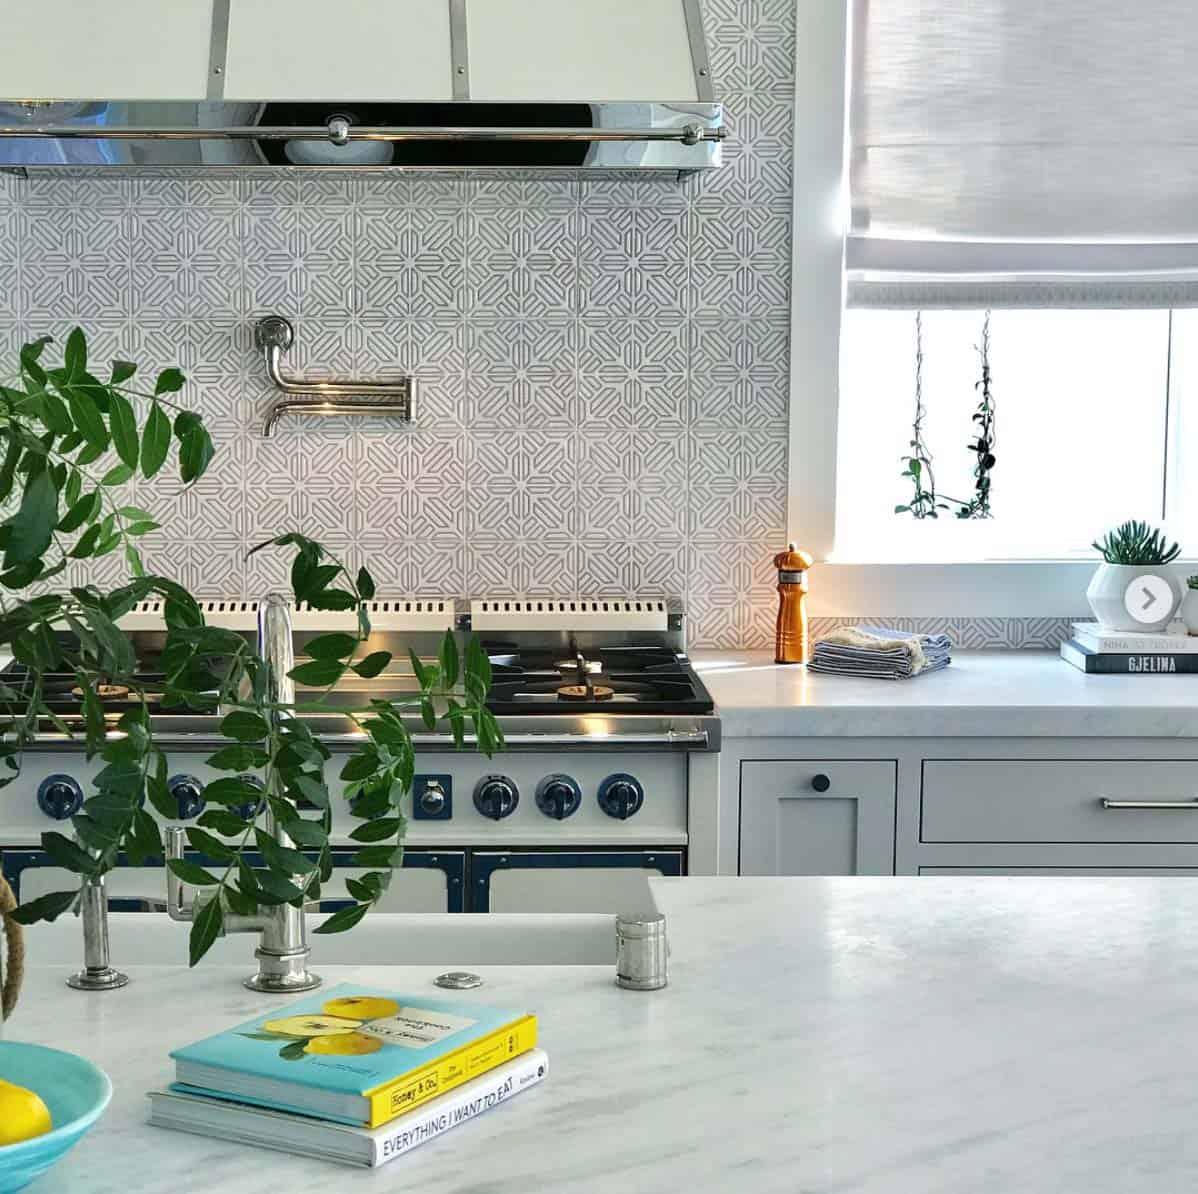 cuisine-de-ferme-moderne-détail